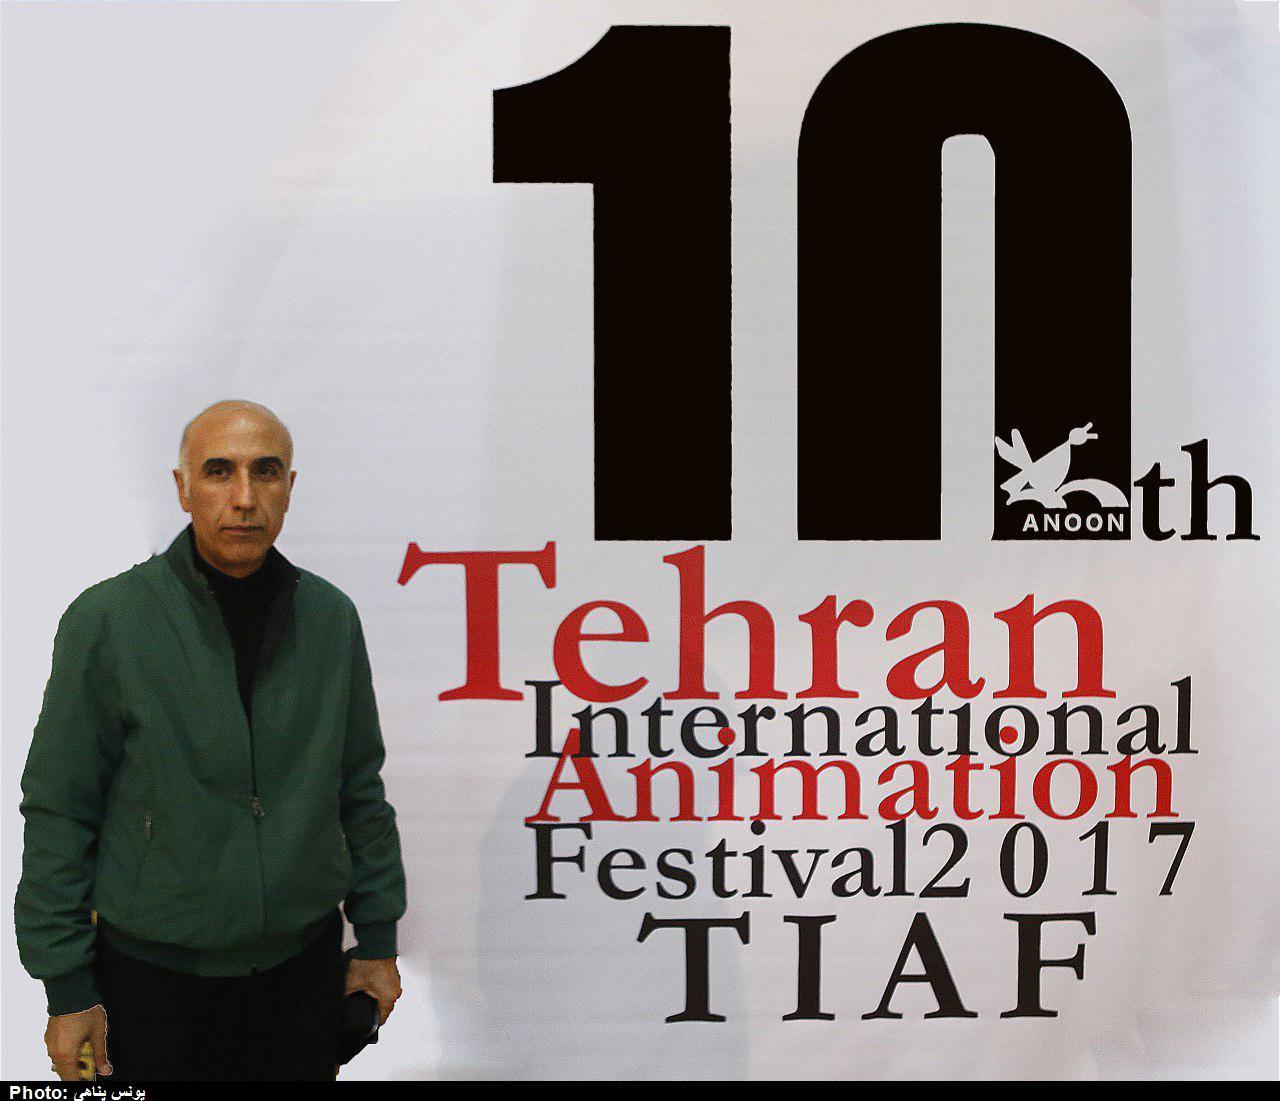 حضور فیلمسازان خارجی نشانگر اهمیت جشنواره پویانمایی است